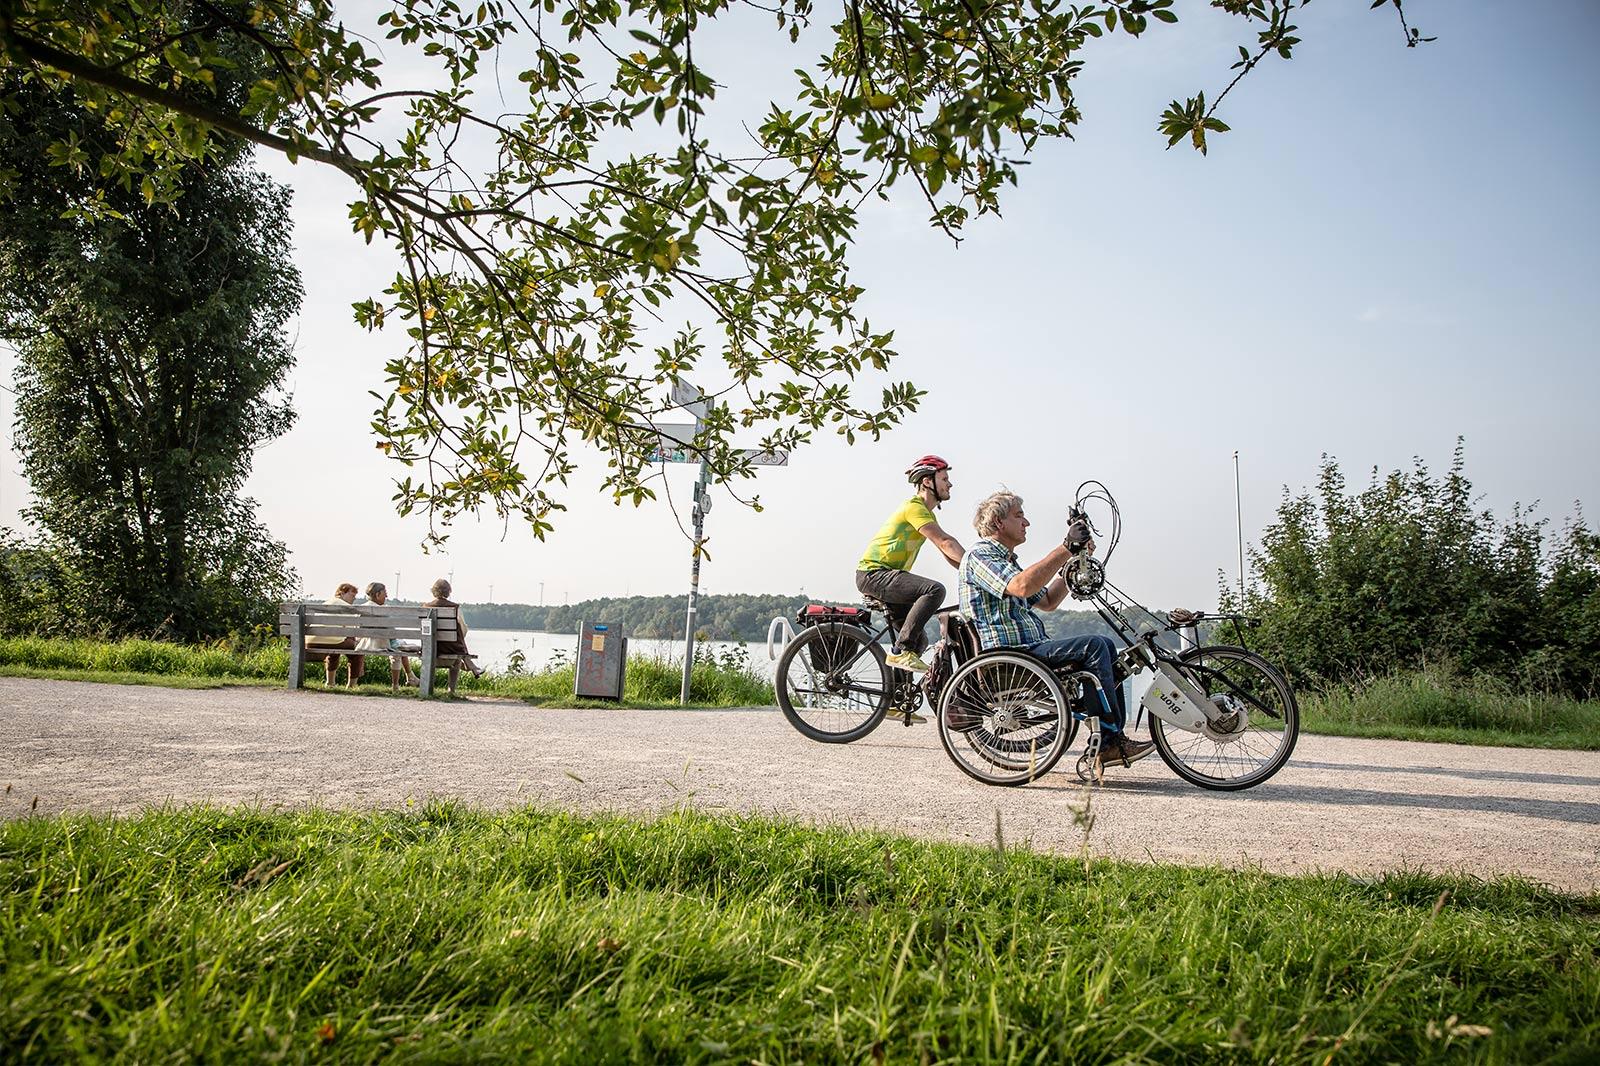 Mann auf einem Sitzrad und Mann auf einem Fahrrad auf einem Schotterweg entlang eines Flusses.